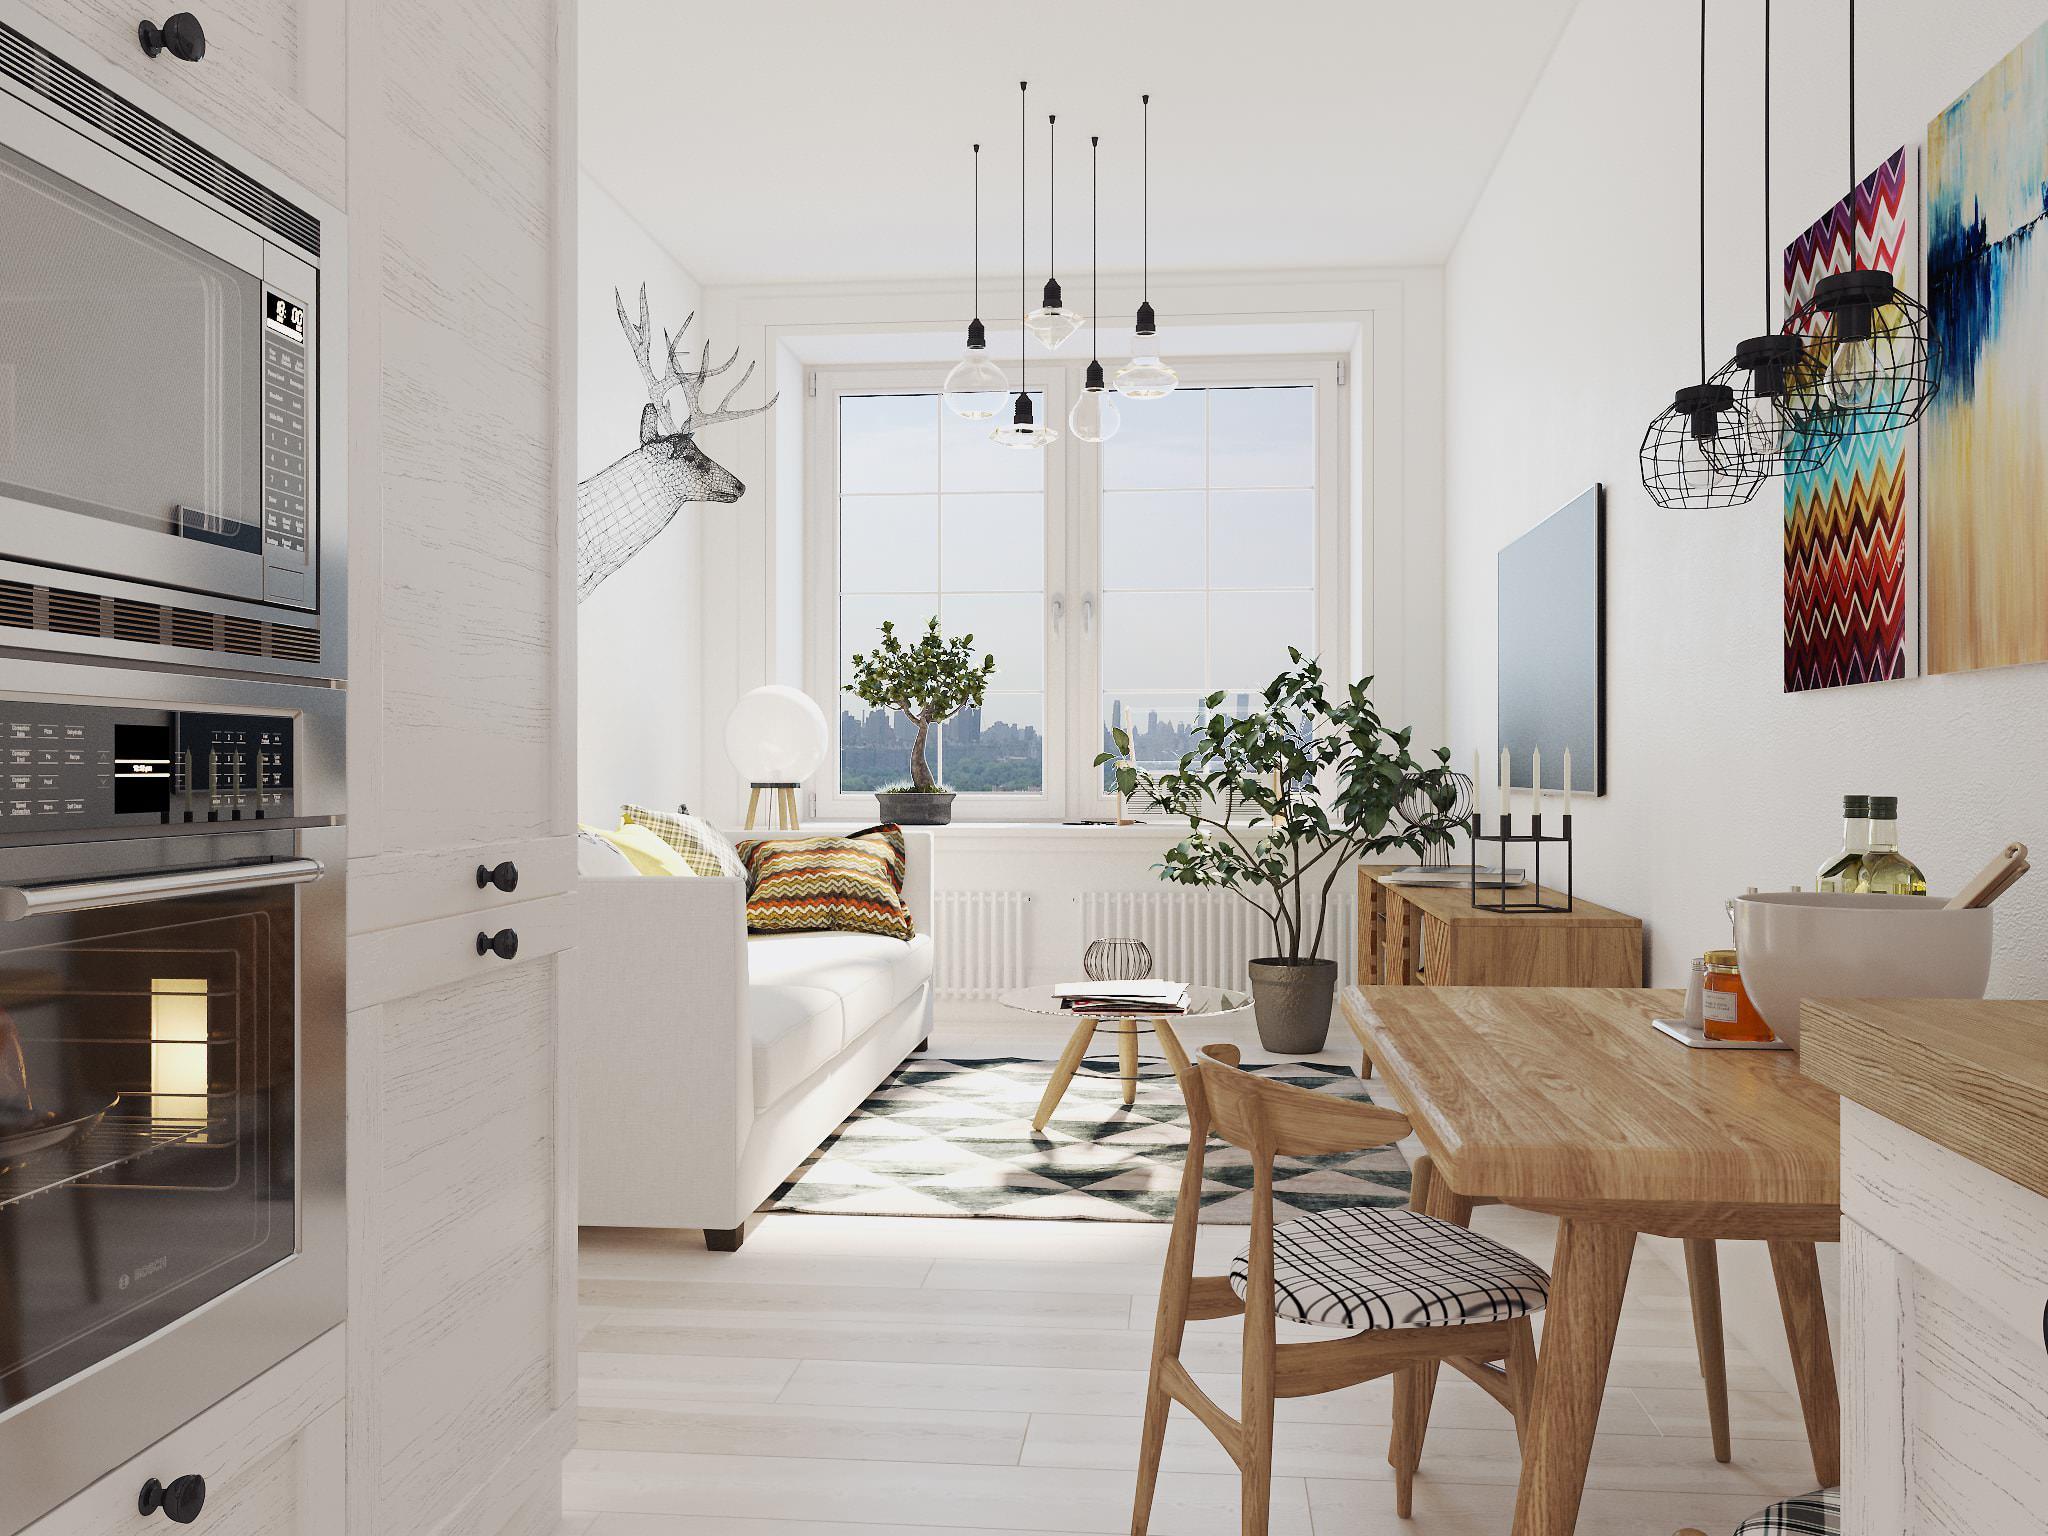 площадь интерьер в маленьких квартирах в картинках угощений пусть ломятся